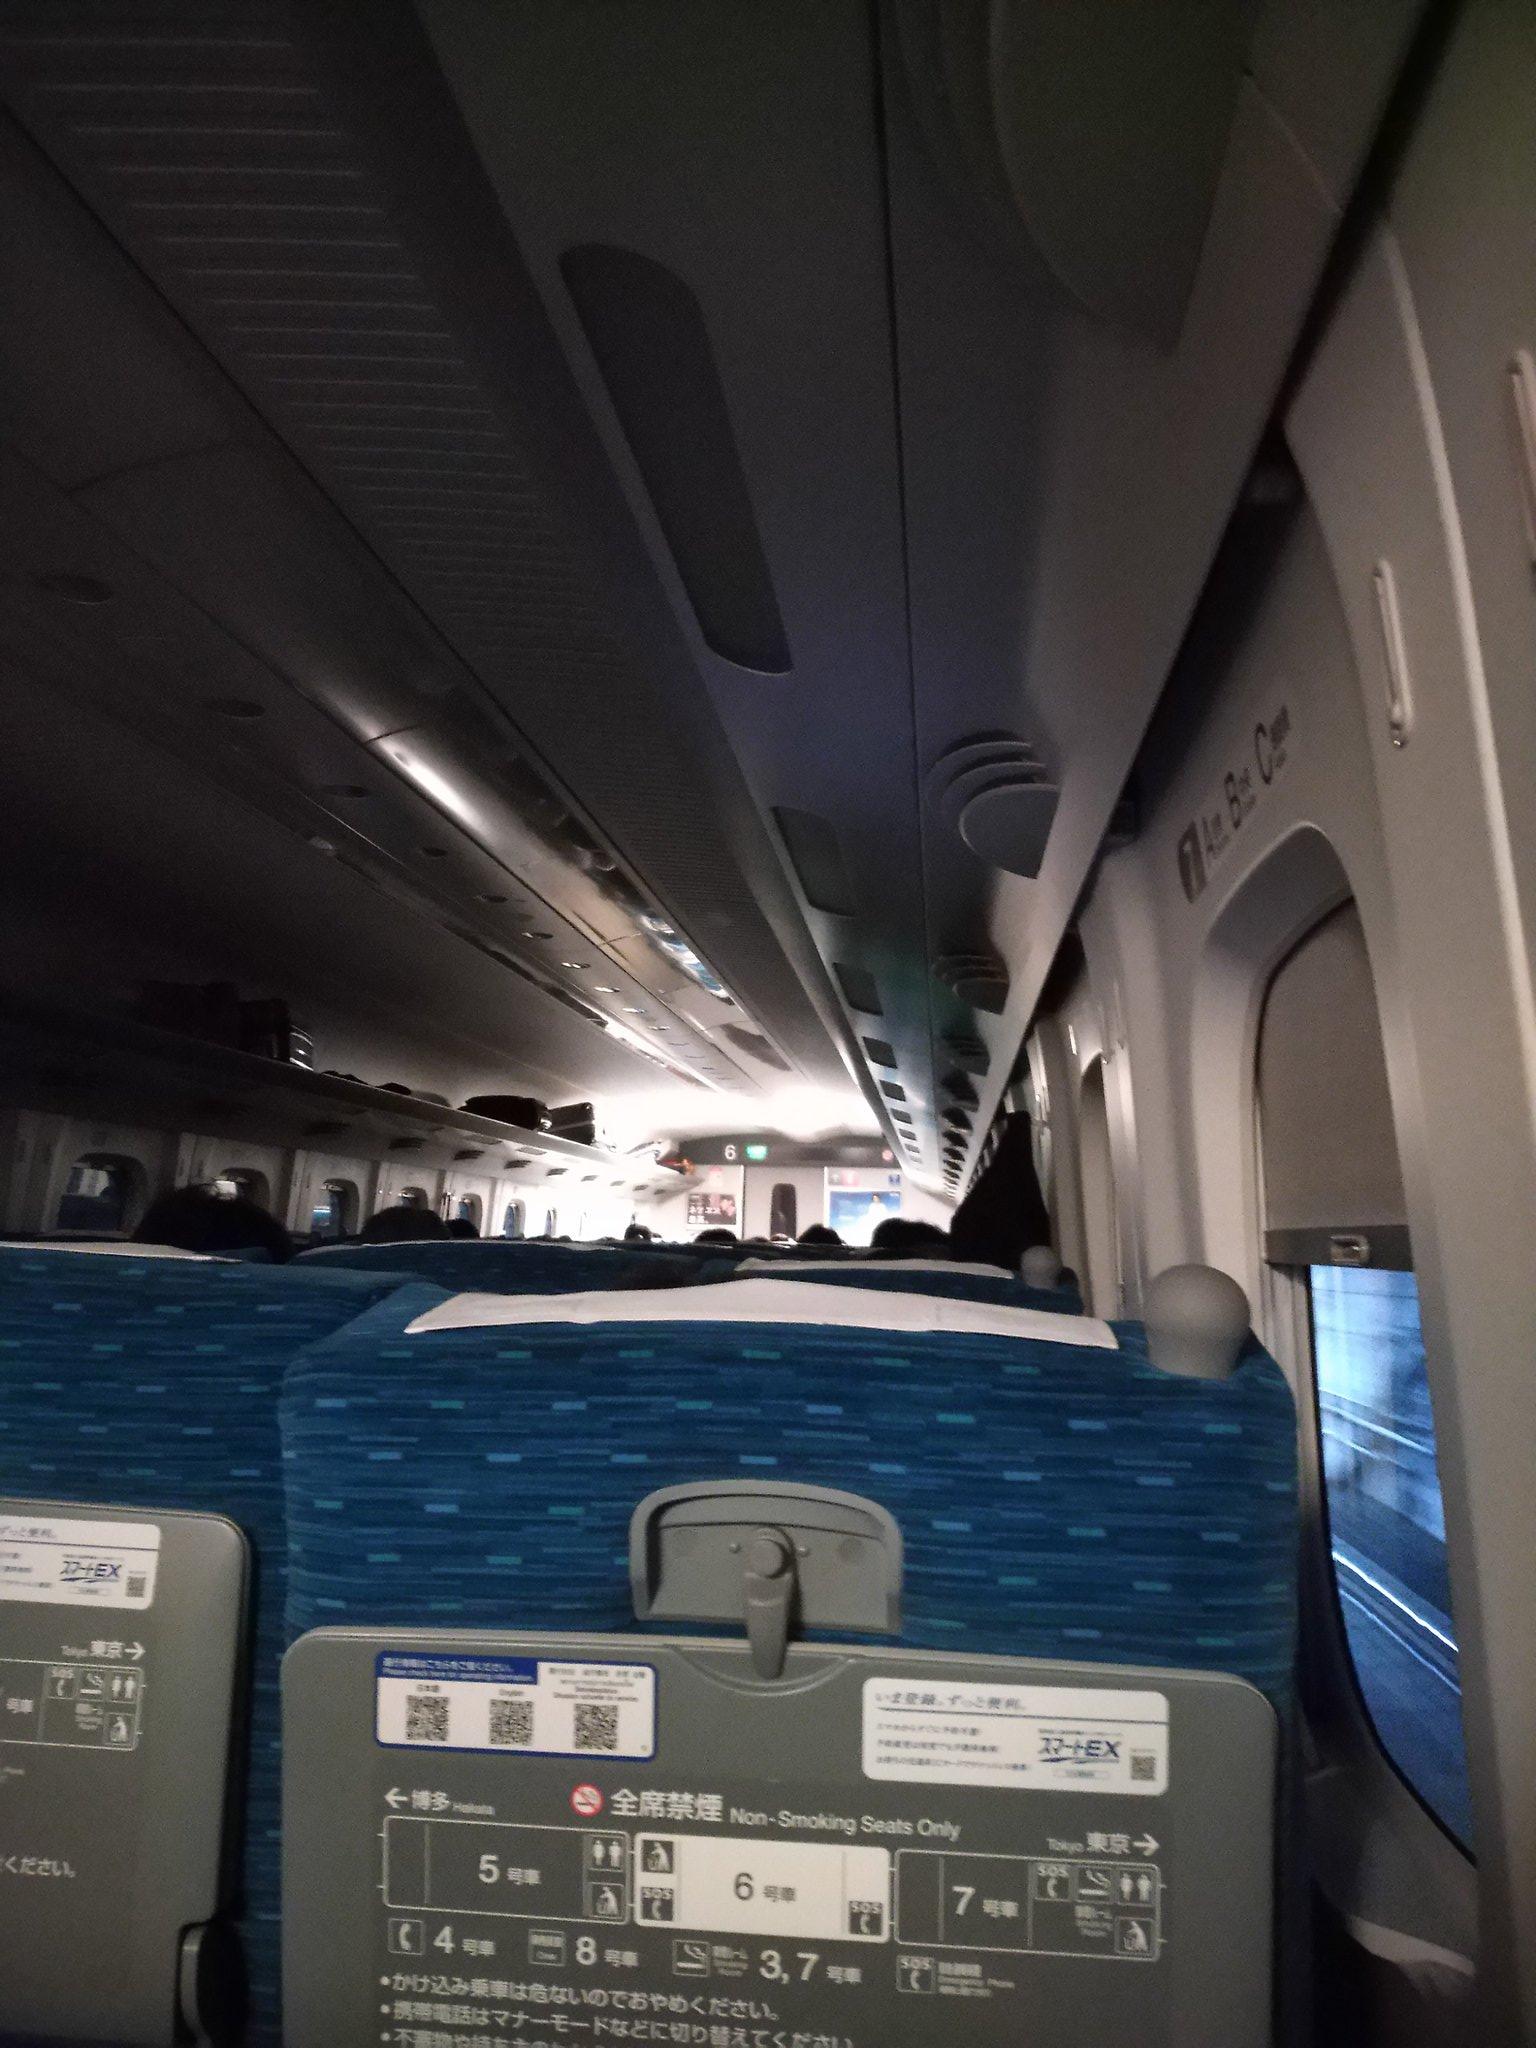 東海道新幹線の小田原駅~新富士駅間の落雷で停電している新幹線の車内の画像